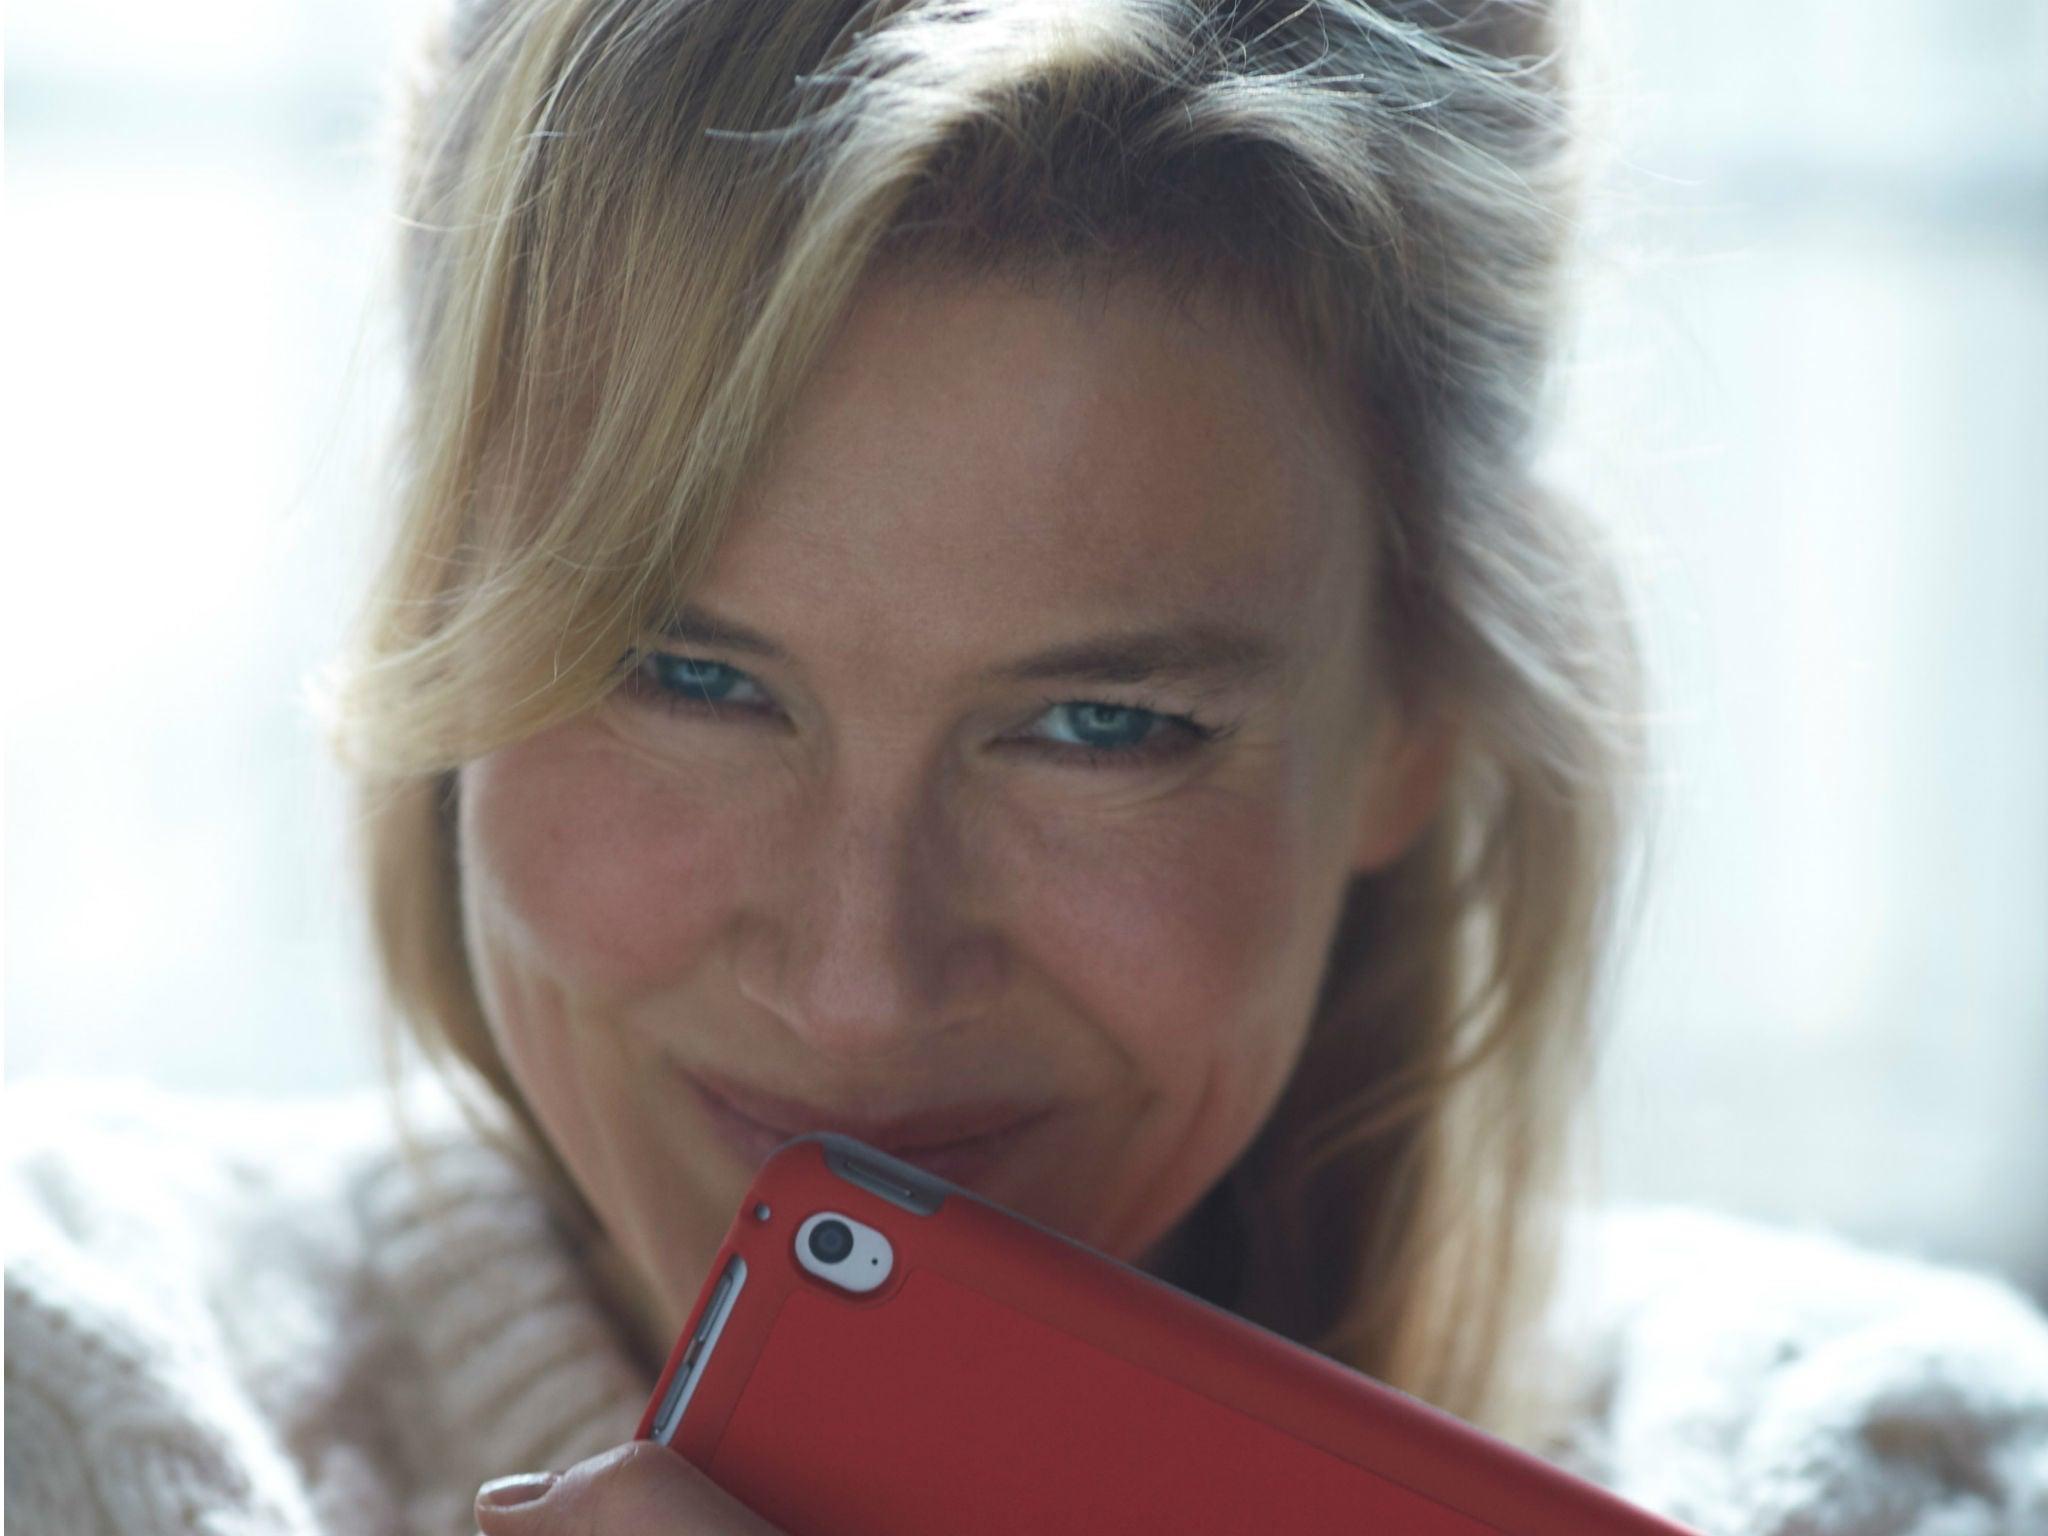 Bridget Jones 3 Renee Zellweger Swaps Diary For Ipad In